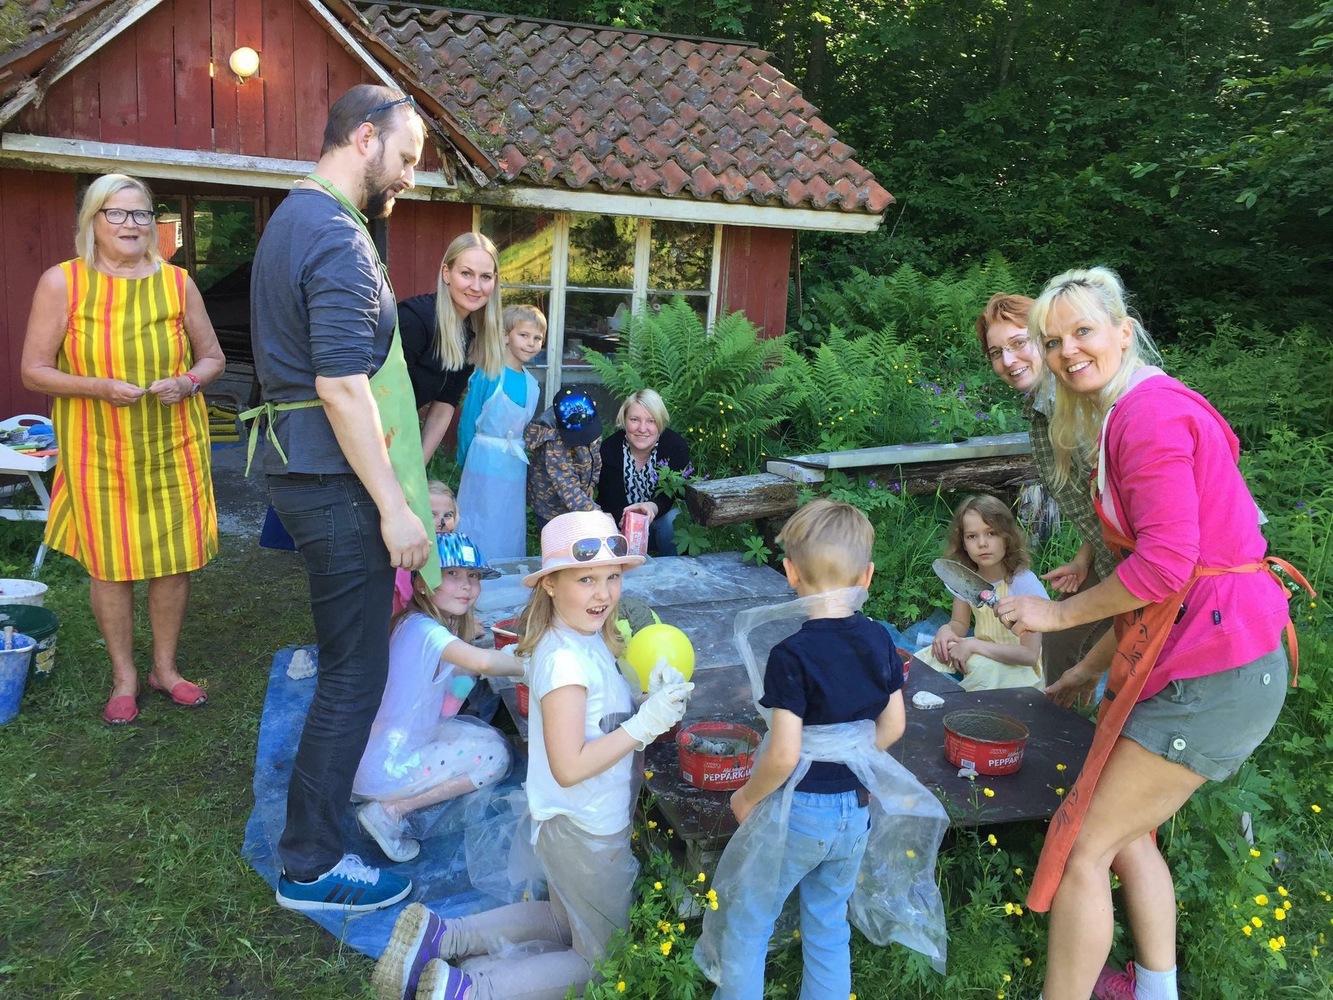 Kaikkien arki- ja juhlatila Vesalassa/Kontulassa